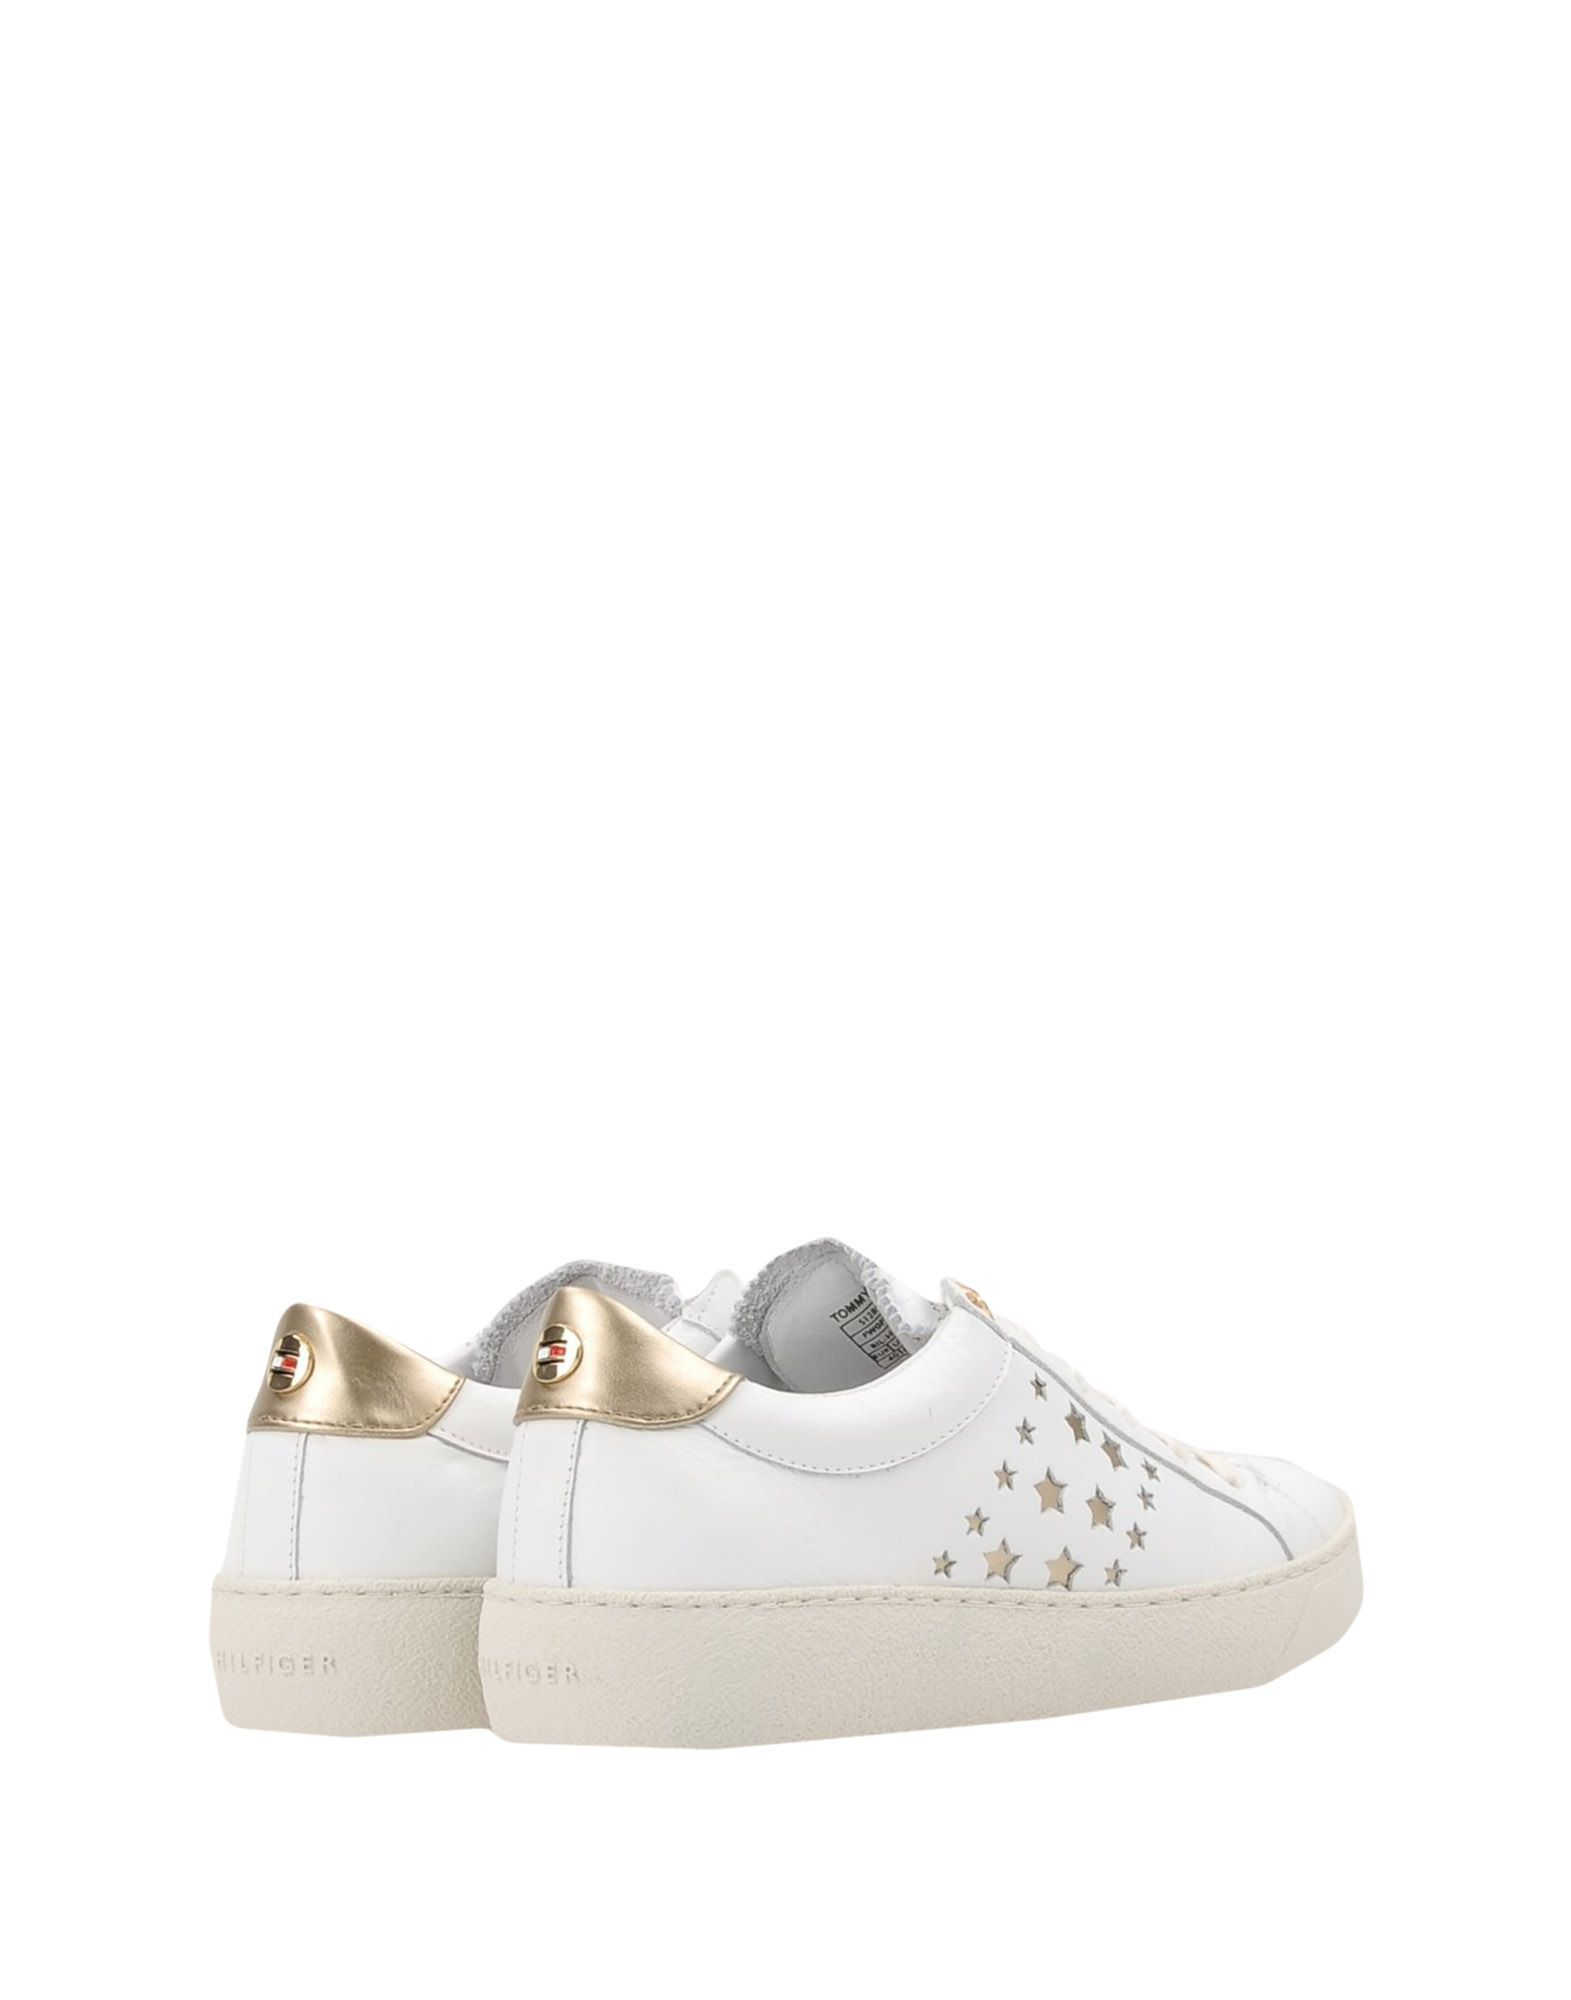 Tommy Hilfiger Hilfiger Hilfiger Sneakers Damen  11417560CT Gute Qualität beliebte Schuhe b3d7b1